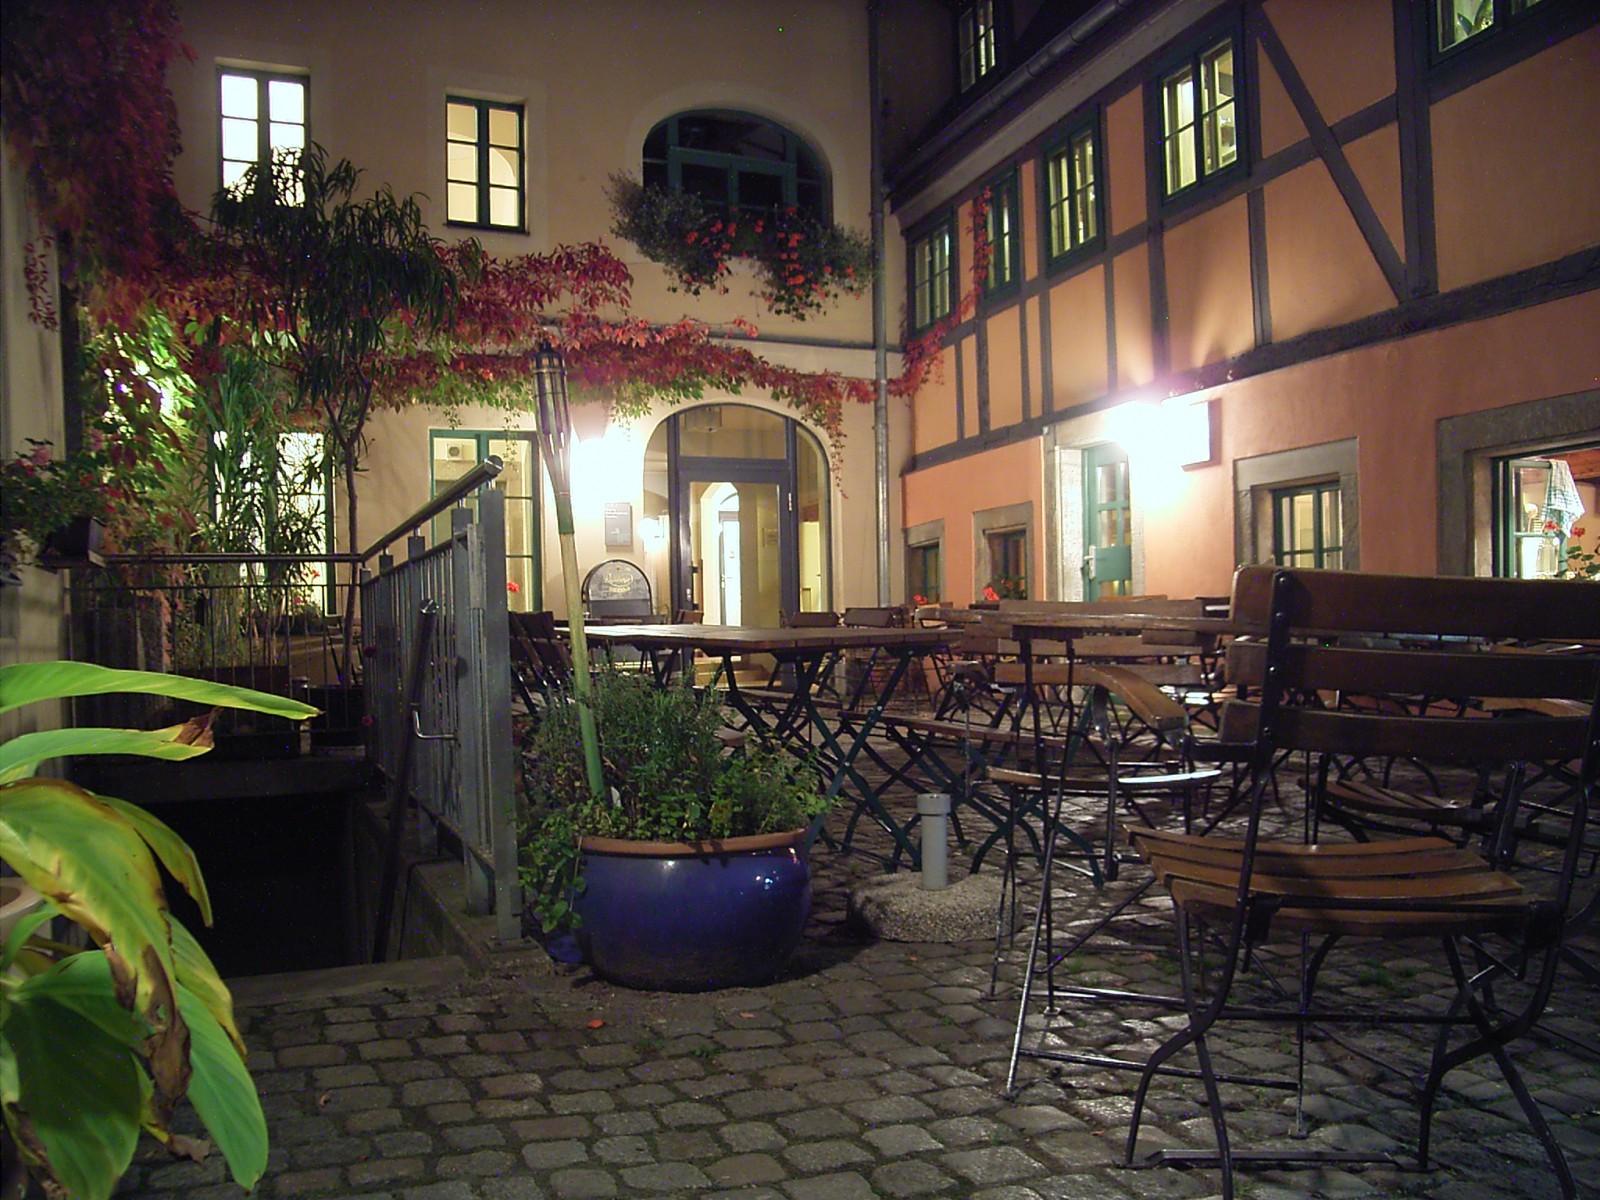 Restaurant BrennNessel in Dresden